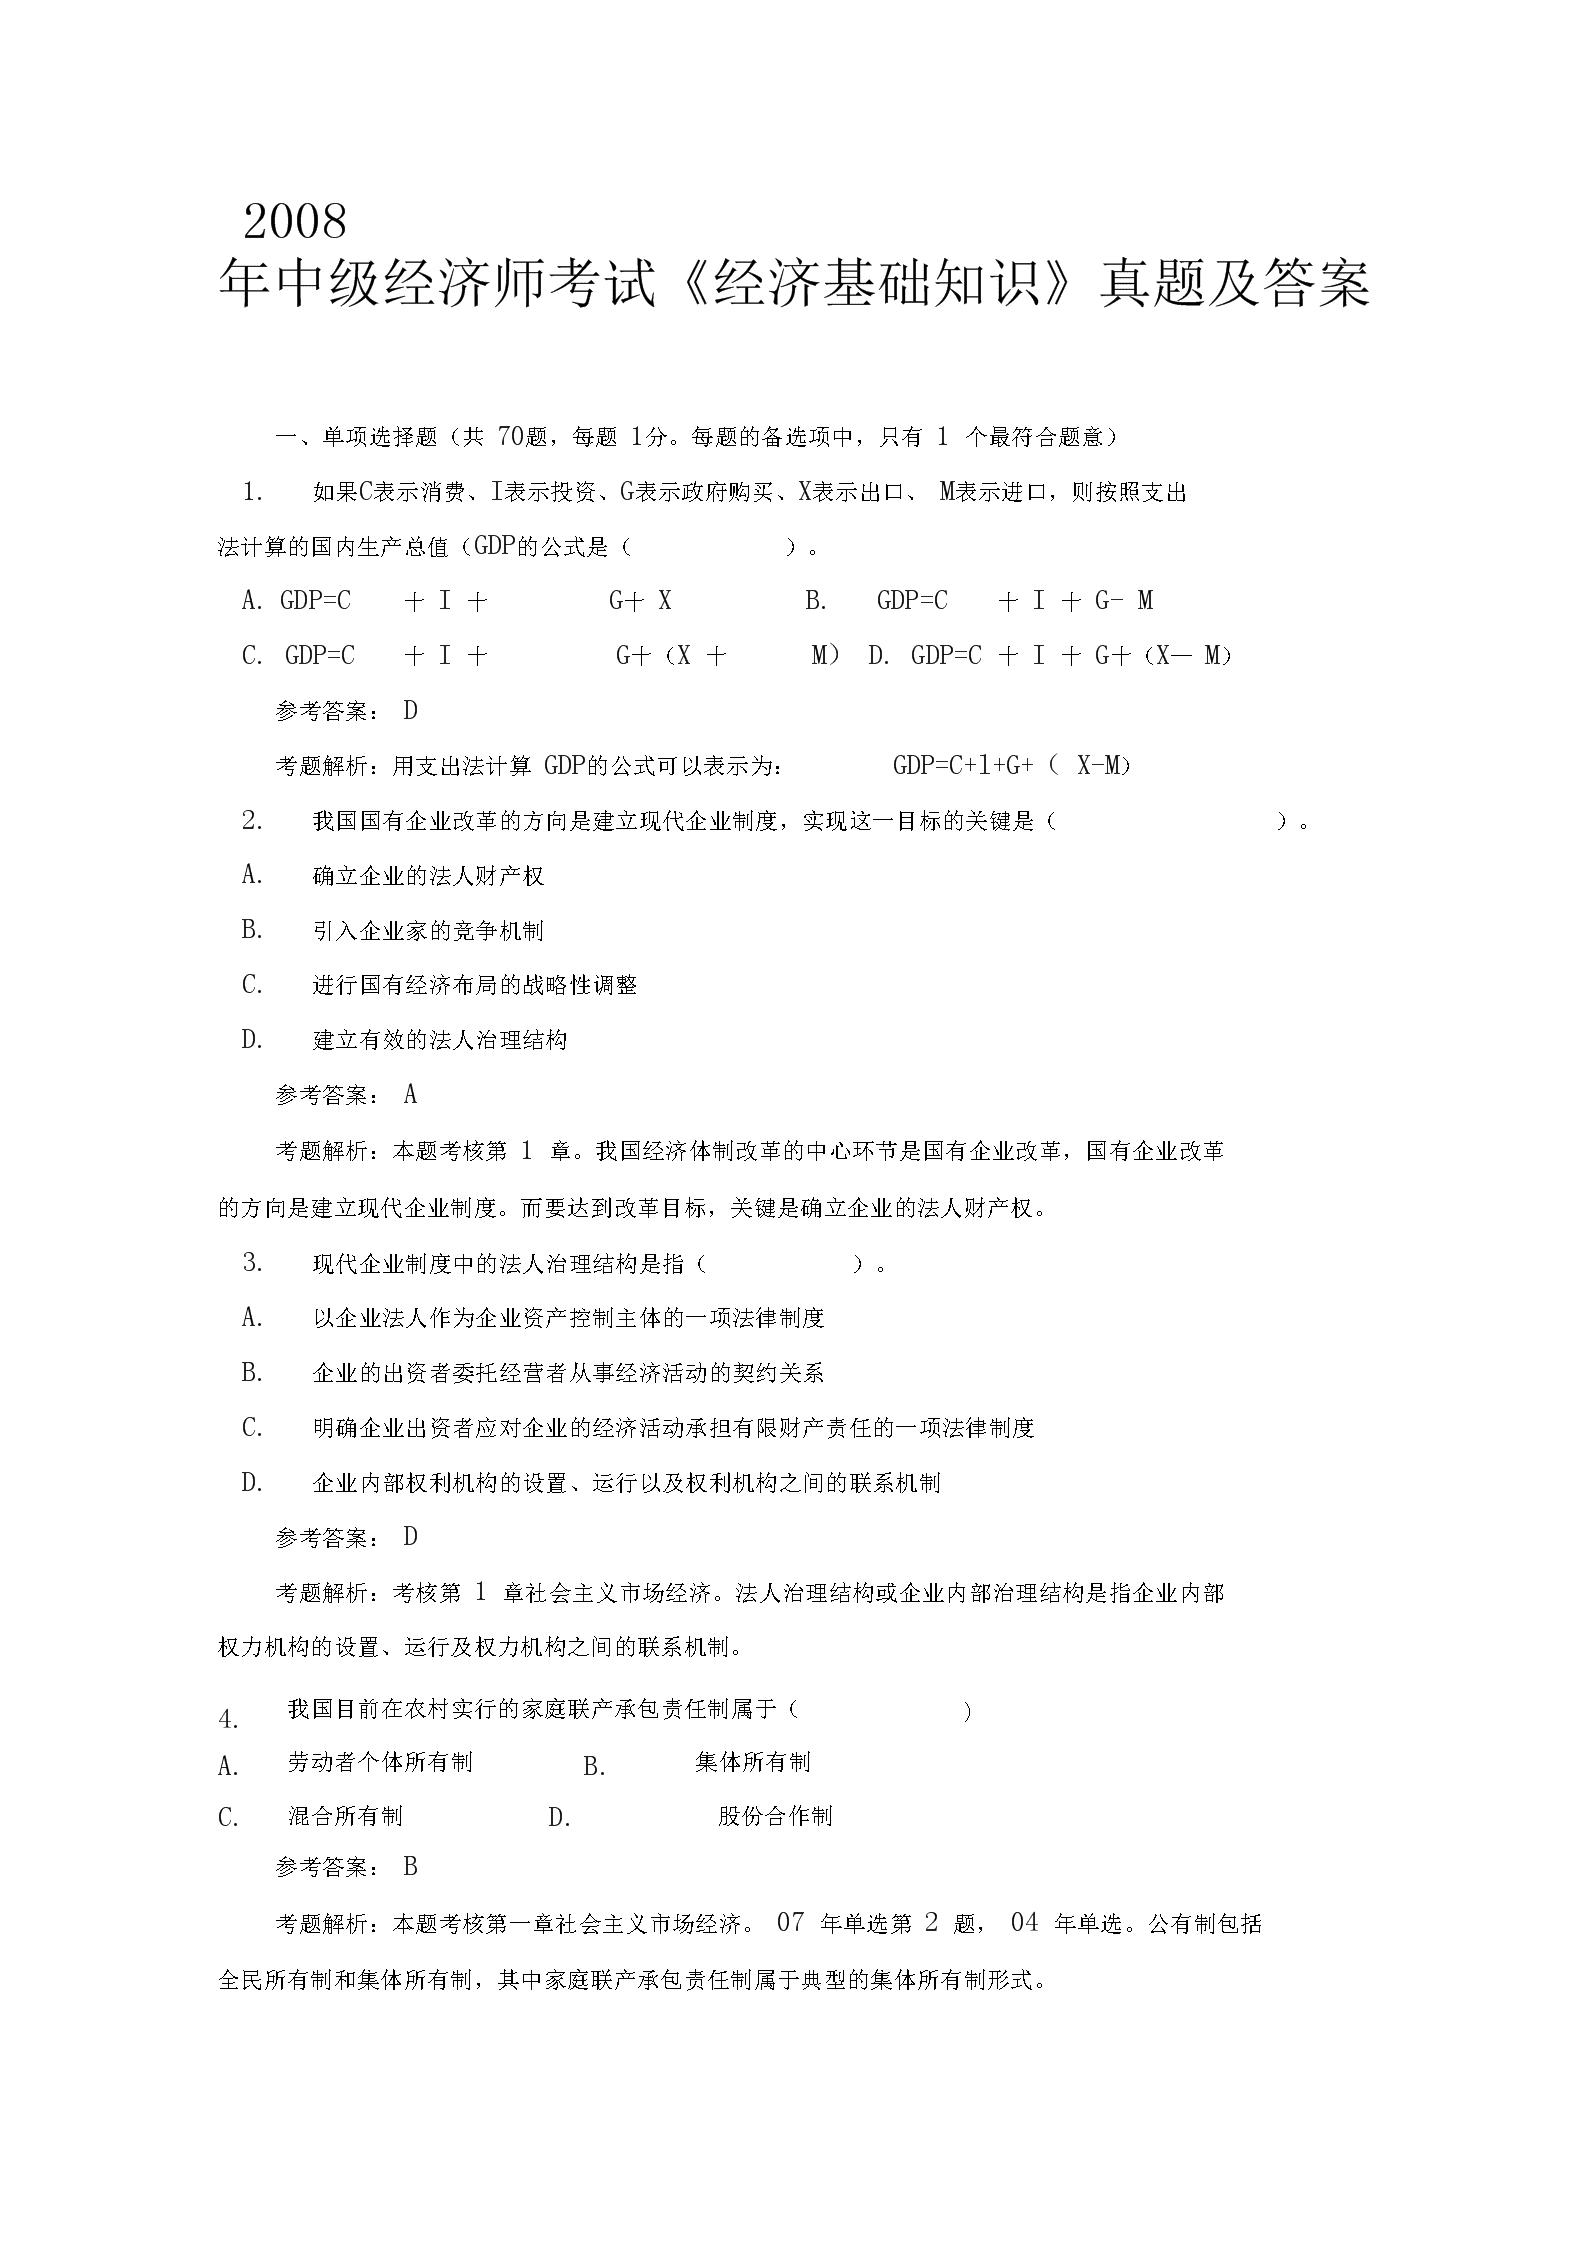 2008年中级经济师考试《经济基础知识》真题及答案.docx